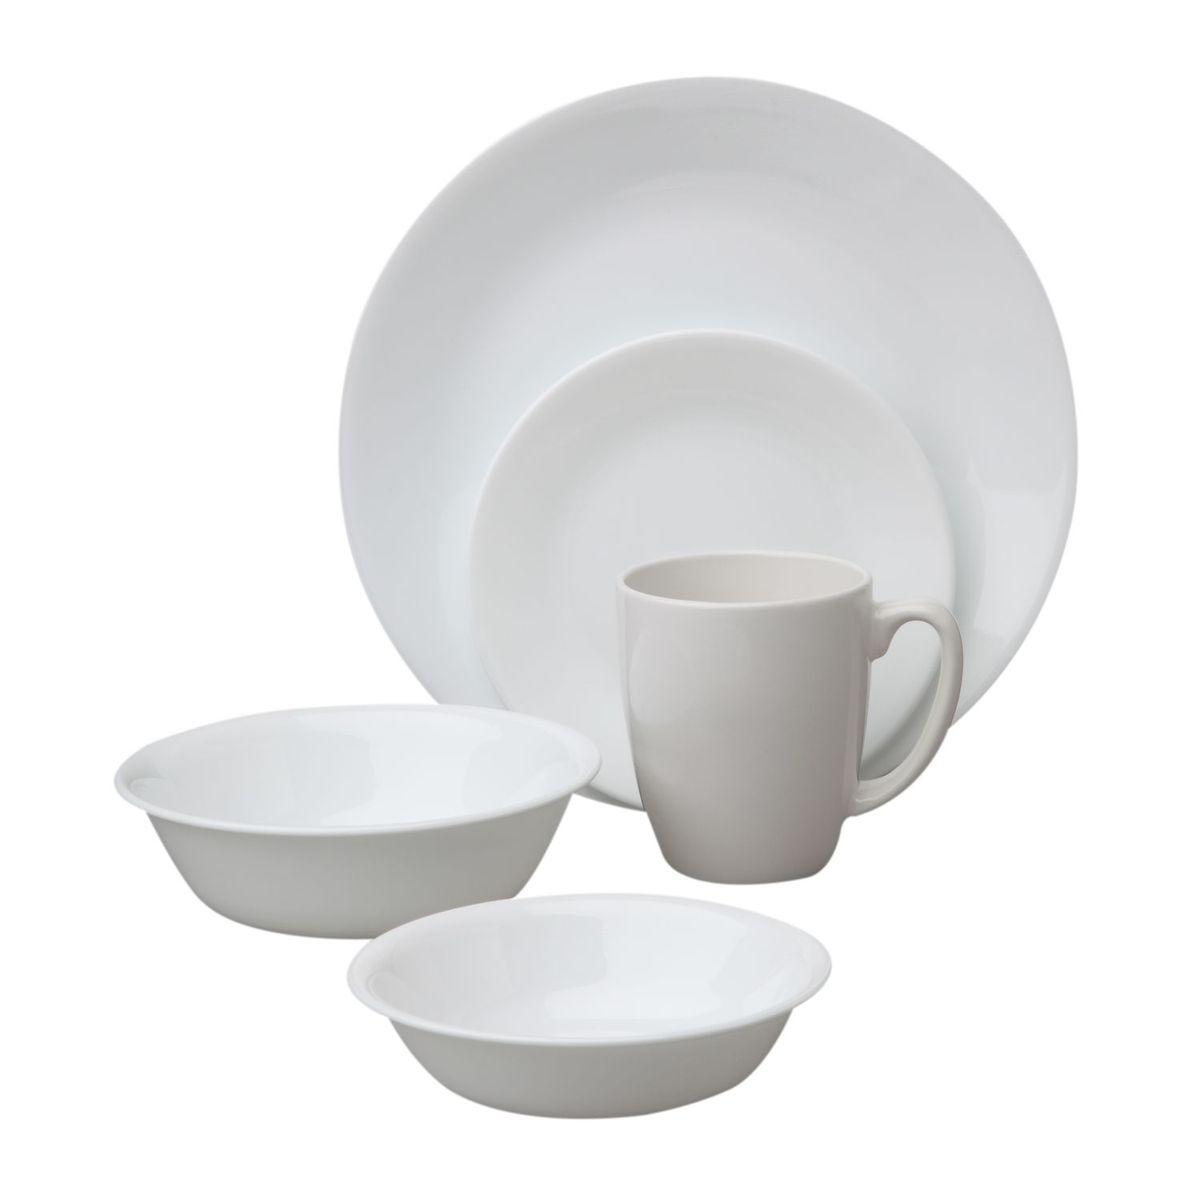 Набор посуды Winter Frost White 30пр, цвет: белый1088646Преимуществами посуды Corelle являются долговечность, красота и безопасность в использовании. Вся посуда Corelle изготавливается из высококачественного ударопрочного трехслойного стекла Vitrelle и украшена деколями американских и европейских дизайнеров. Рисунки не стираются и не царапаются, не теряют свою яркость на протяжении многих лет. Посуда Corelle не впитывает запахов и очень долгое время выглядит как новая. Уникальная эмаль, используемая во время декорирования, фактически становится единым целым с поверхностью стекла, что гарантирует долгое сохранение нанесенного рисунка. Еще одним из главных преимуществ посуды Corelle является ее безопасность. В производстве используются только безопасные для пищи пигменты эмали, при производстве посуды не применяется вредный для здоровья человека меламин. Изделия из материала Vitrelle: Прочные и легкие; Выдерживают температуру до 180С; Могут использоваться в посудомоечной машине и микроволновой печи; Штабелируемые; Устойчивы к царапинам; Ударопрочные; Не содержит меламин.6 обеденных тарелок 26 см; 6 десертных тарелок 17 см; 6 суповых тарелок 440 мл; 6 суповых тарелок 530 мл; 6 фарфоровых кружек 313 мл